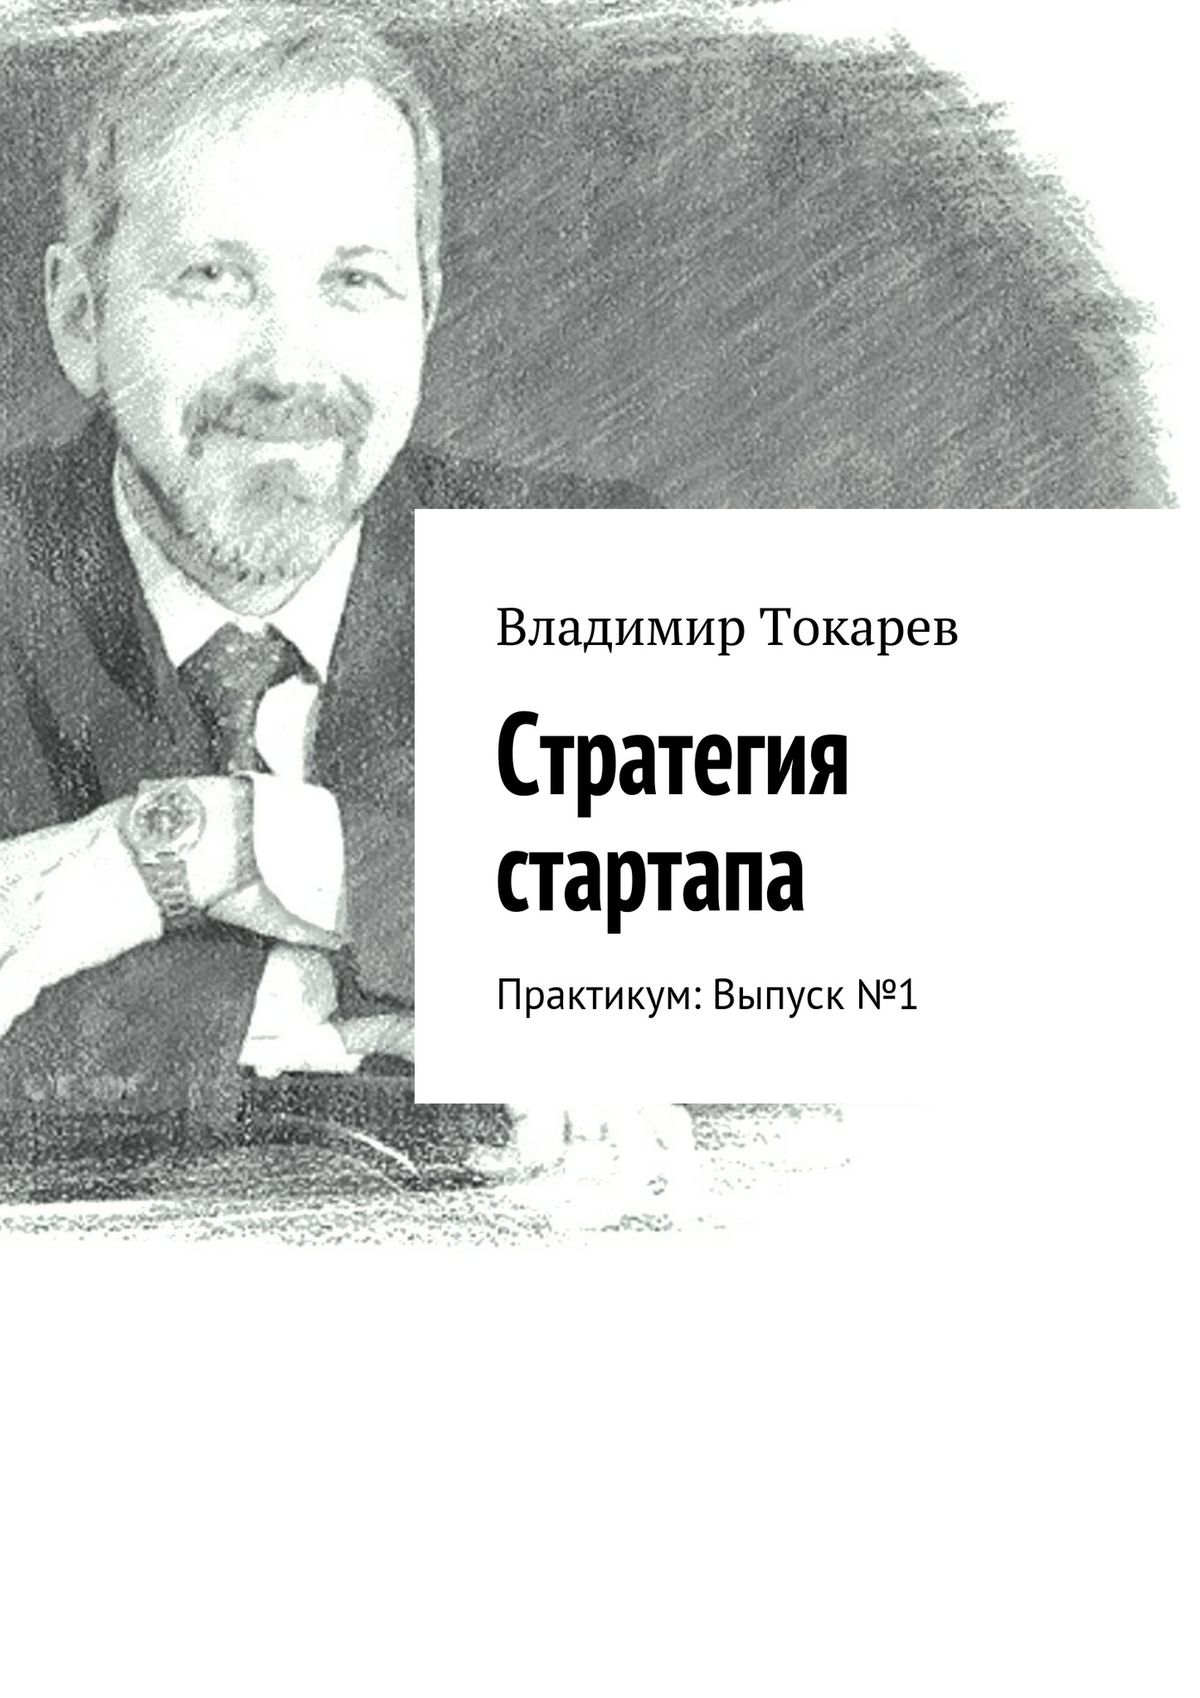 Владимир Токарев Стратегия стартапа. Практикум: Выпуск№ 1